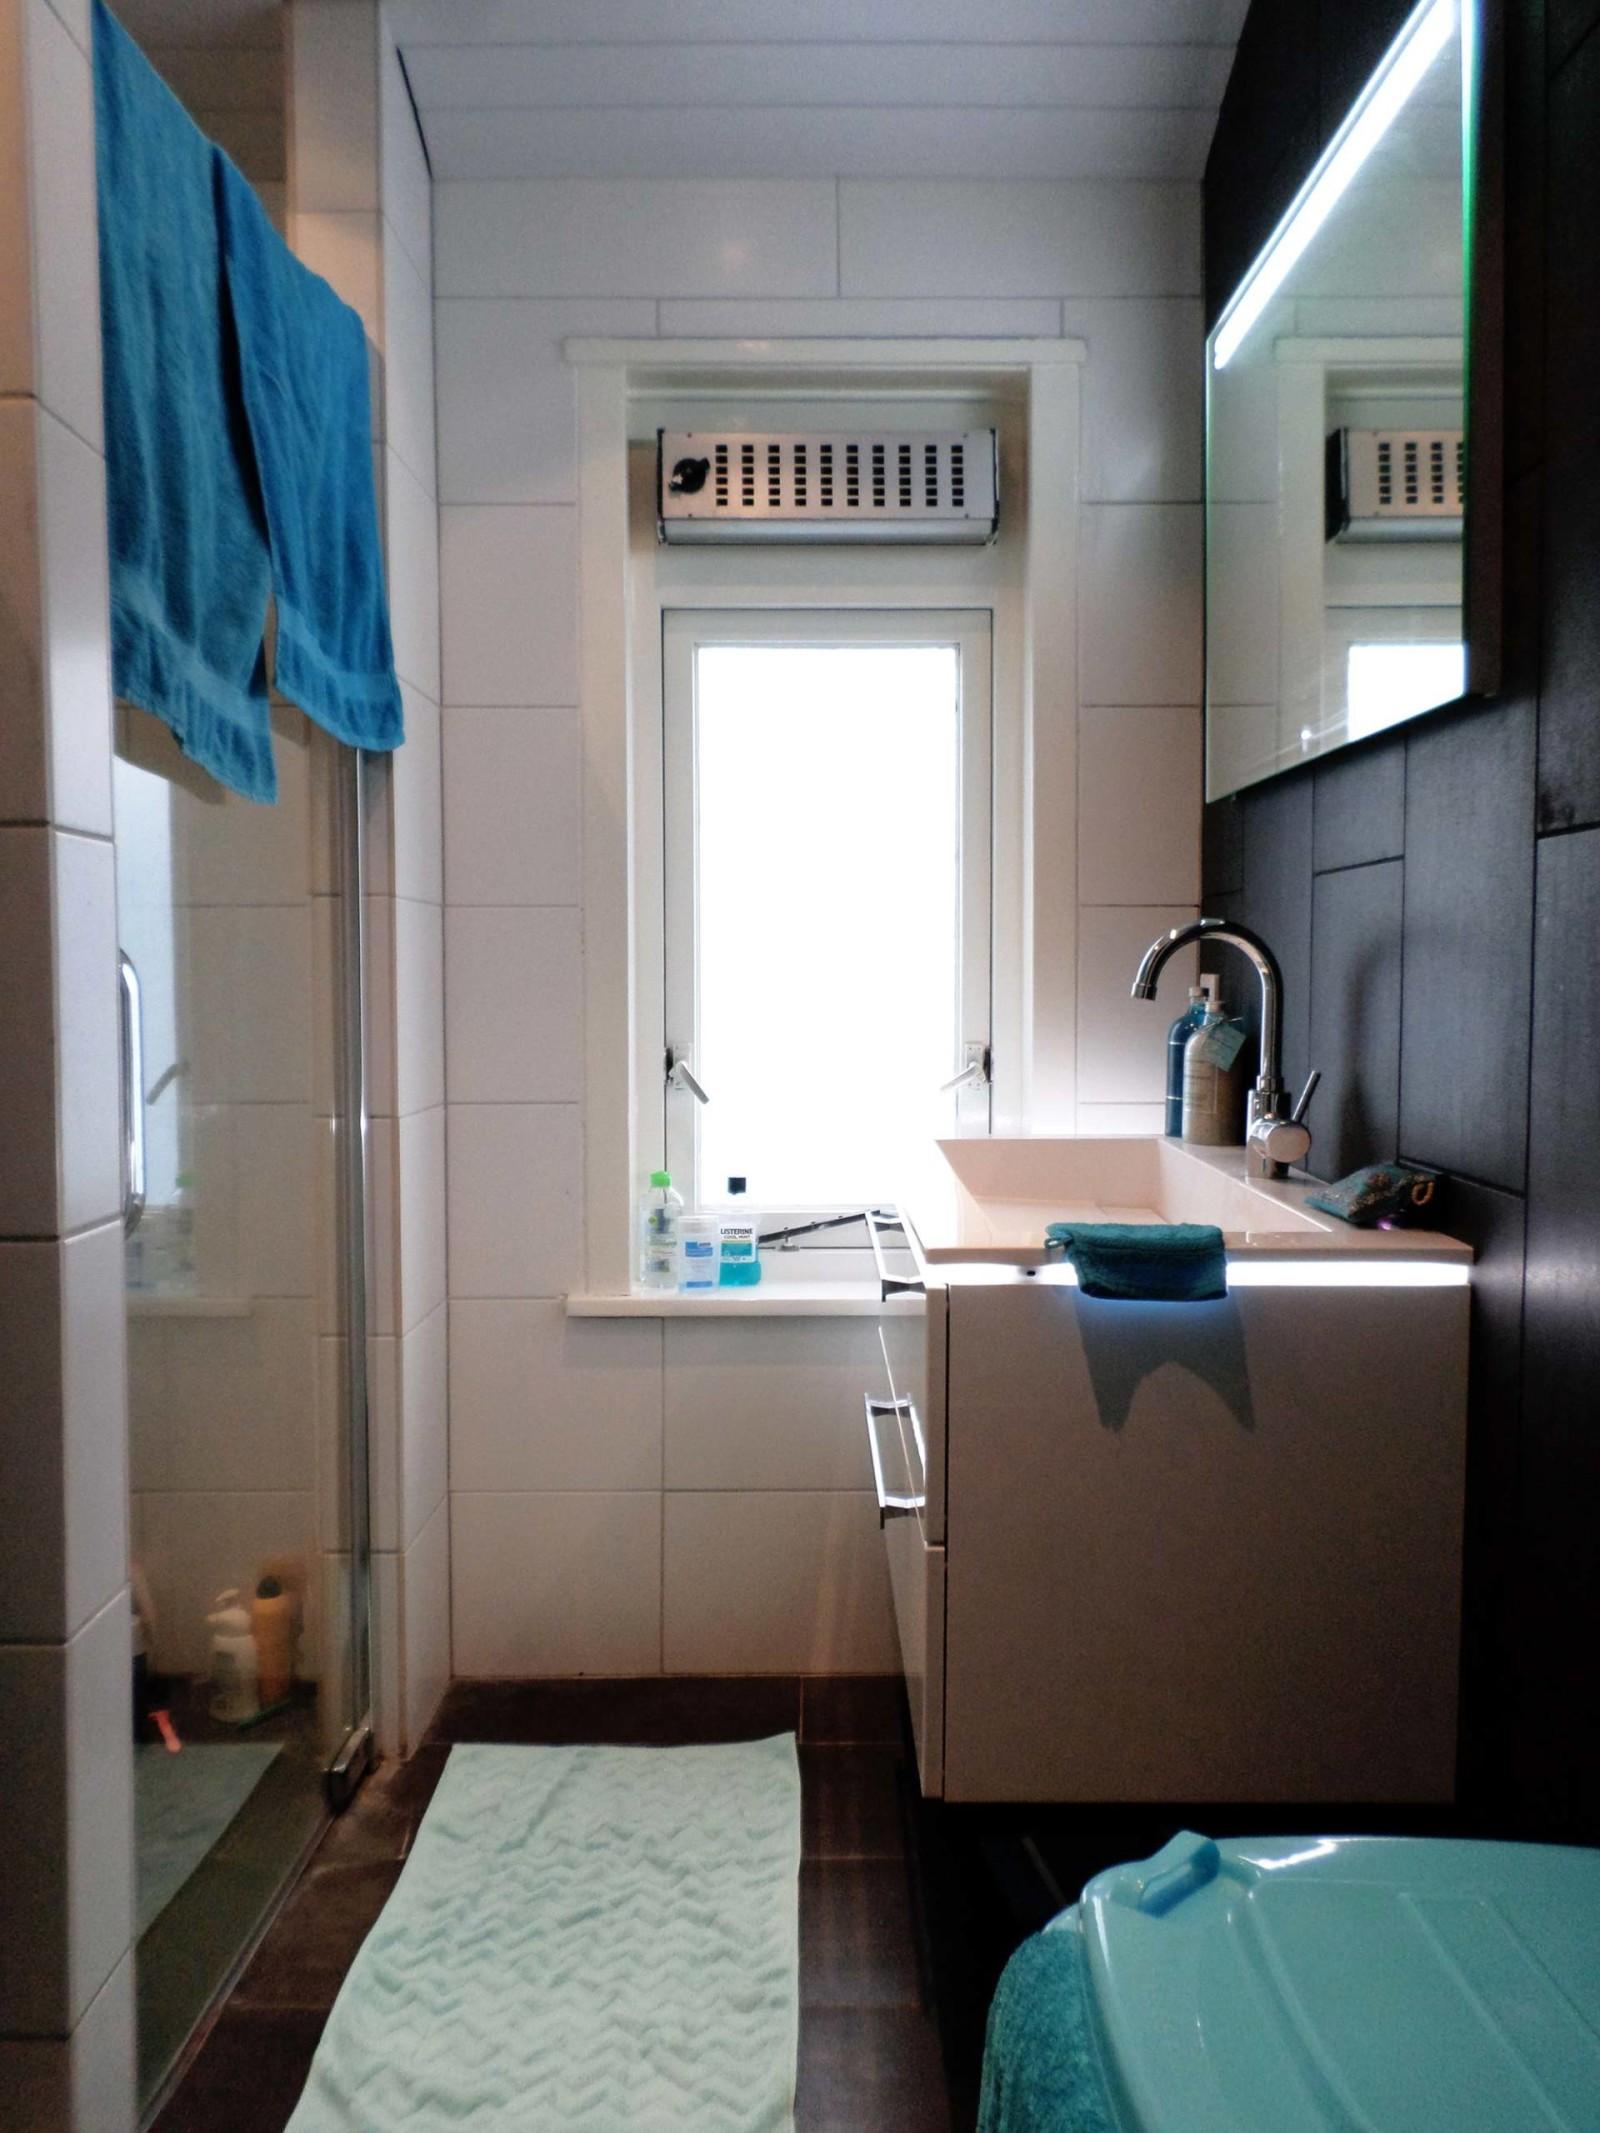 HOME | Mijn droombadkamer - Juudithhome- interior & lifestyle blog